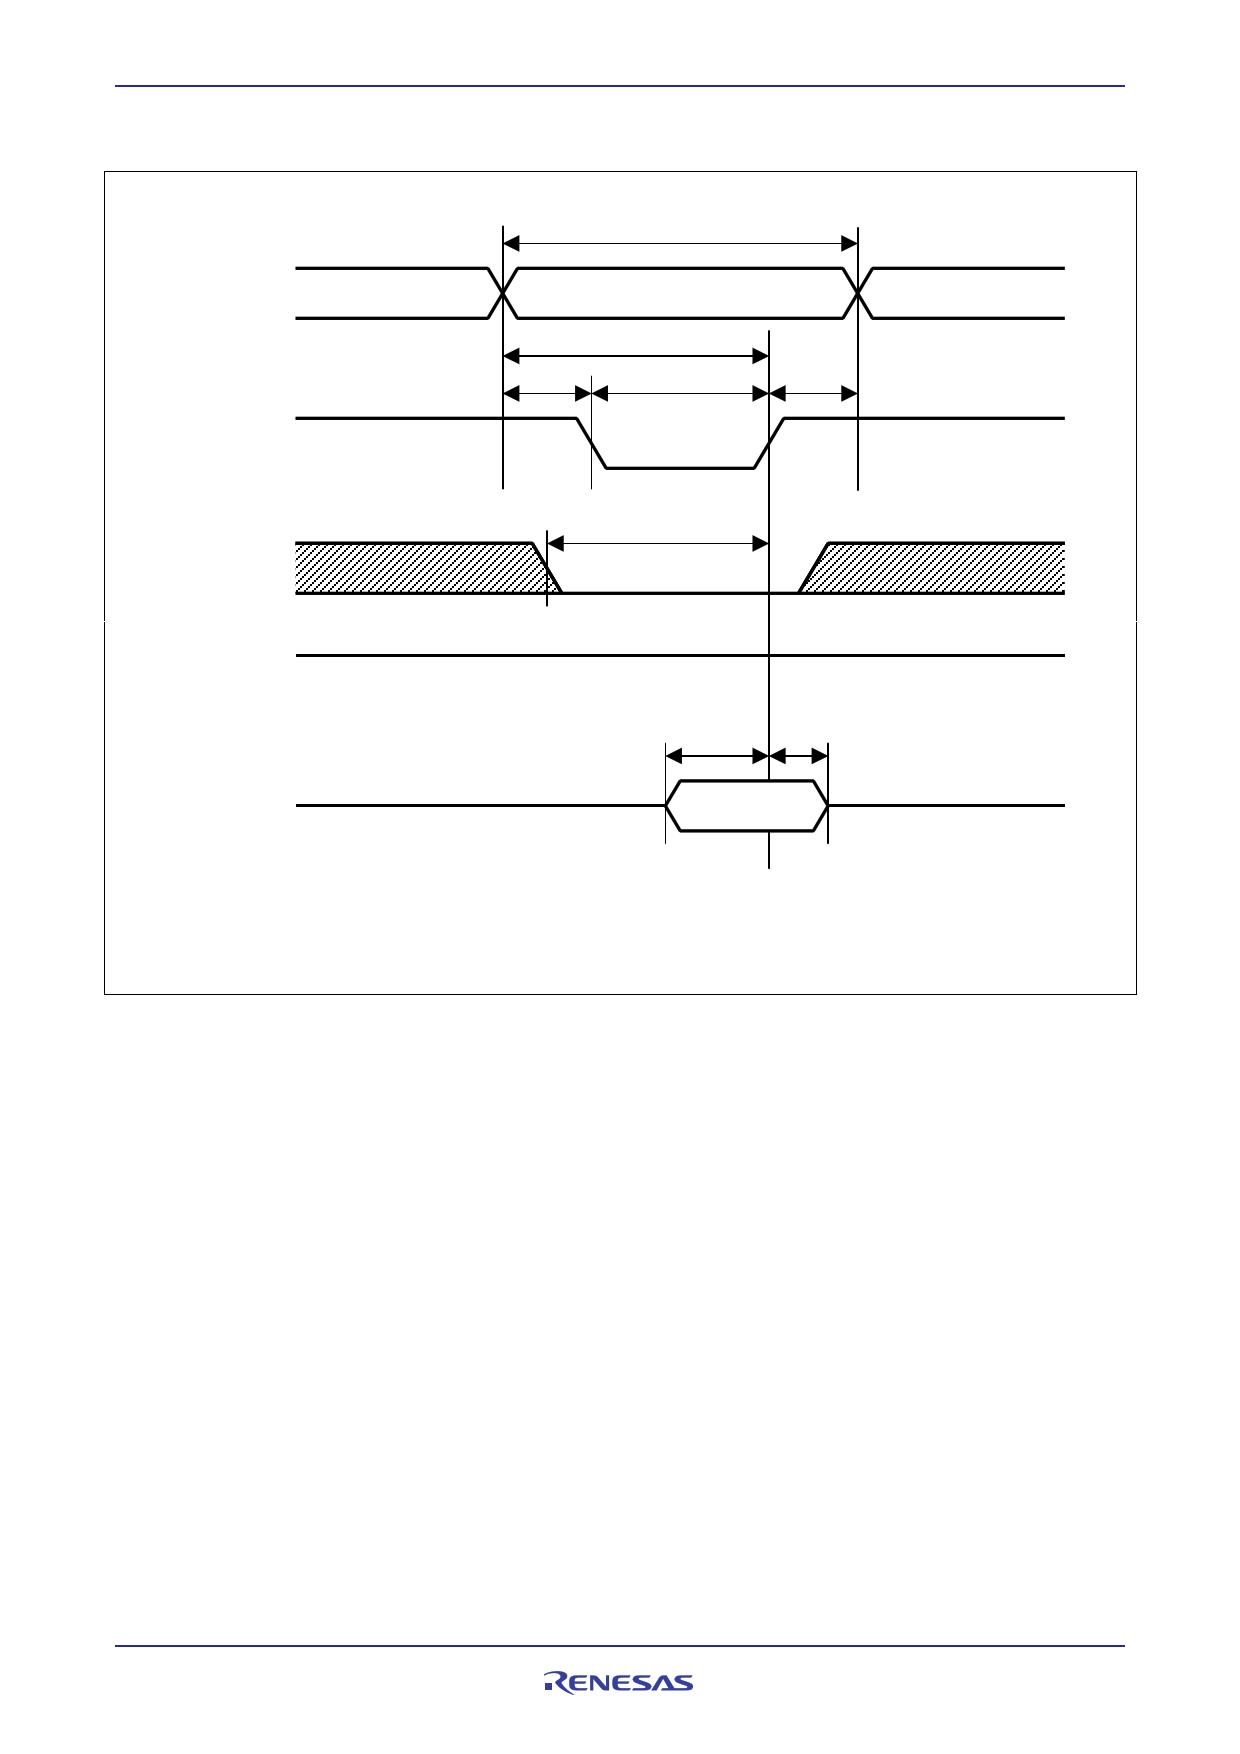 R1LV5256E arduino